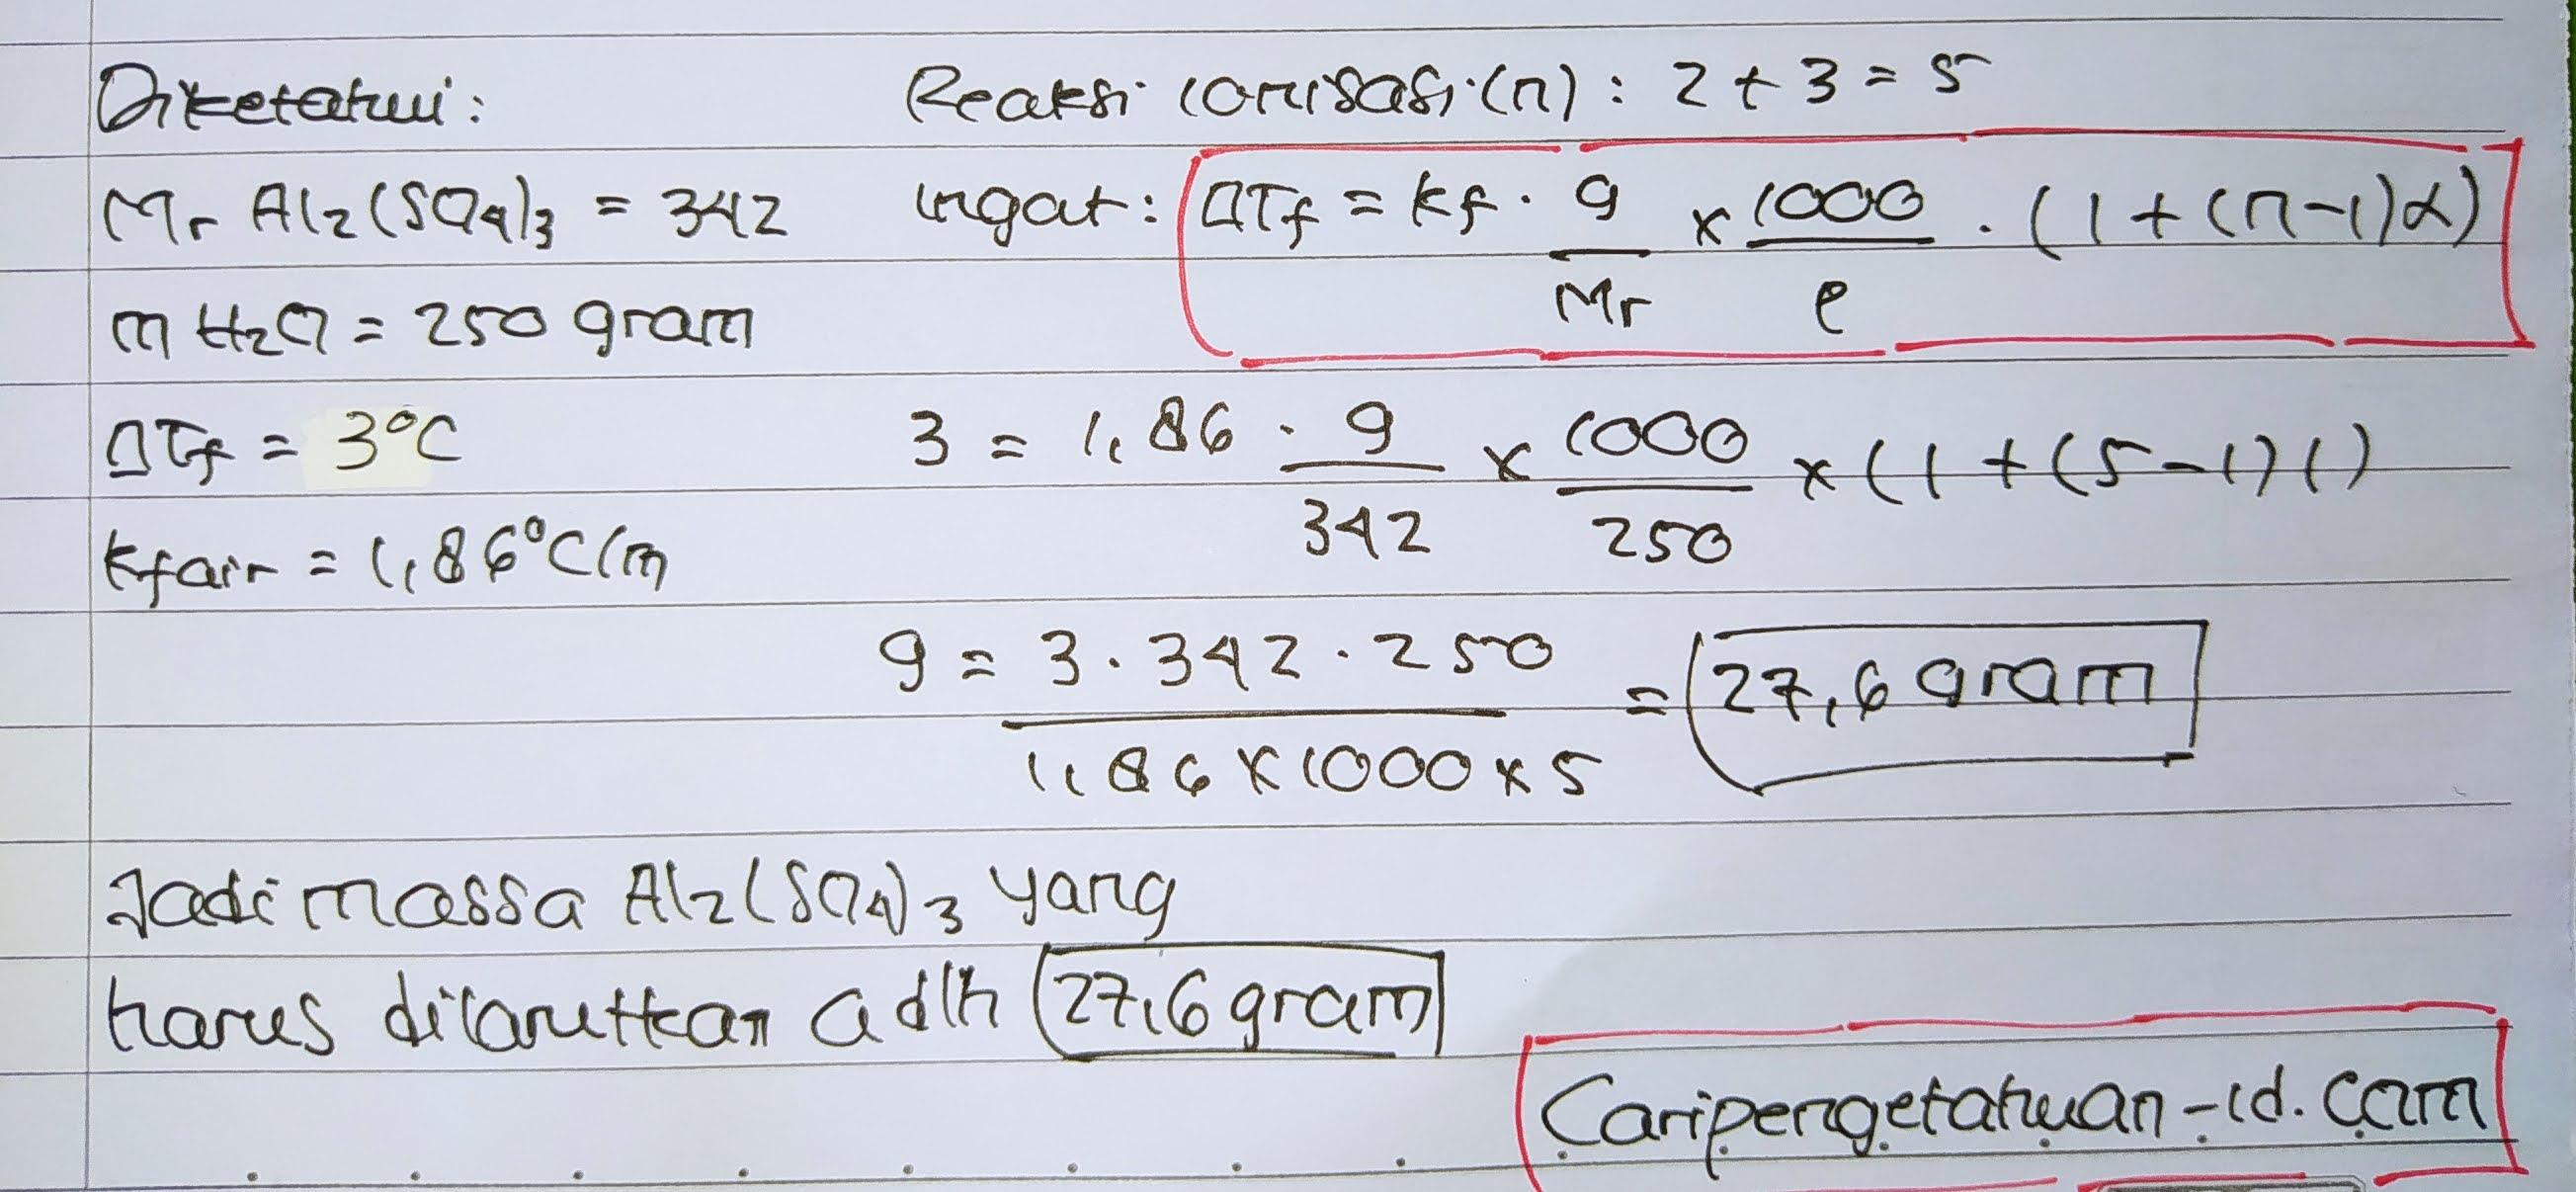 Berapa banyaknya Al2(SO4)3 (Mr = 342 g/mol) yang harus dilarutkan dalam 250 gram air, agar larutan tersebut membeku pada suhu -3°C adalah …. (Kf air = 1,86°C/m)